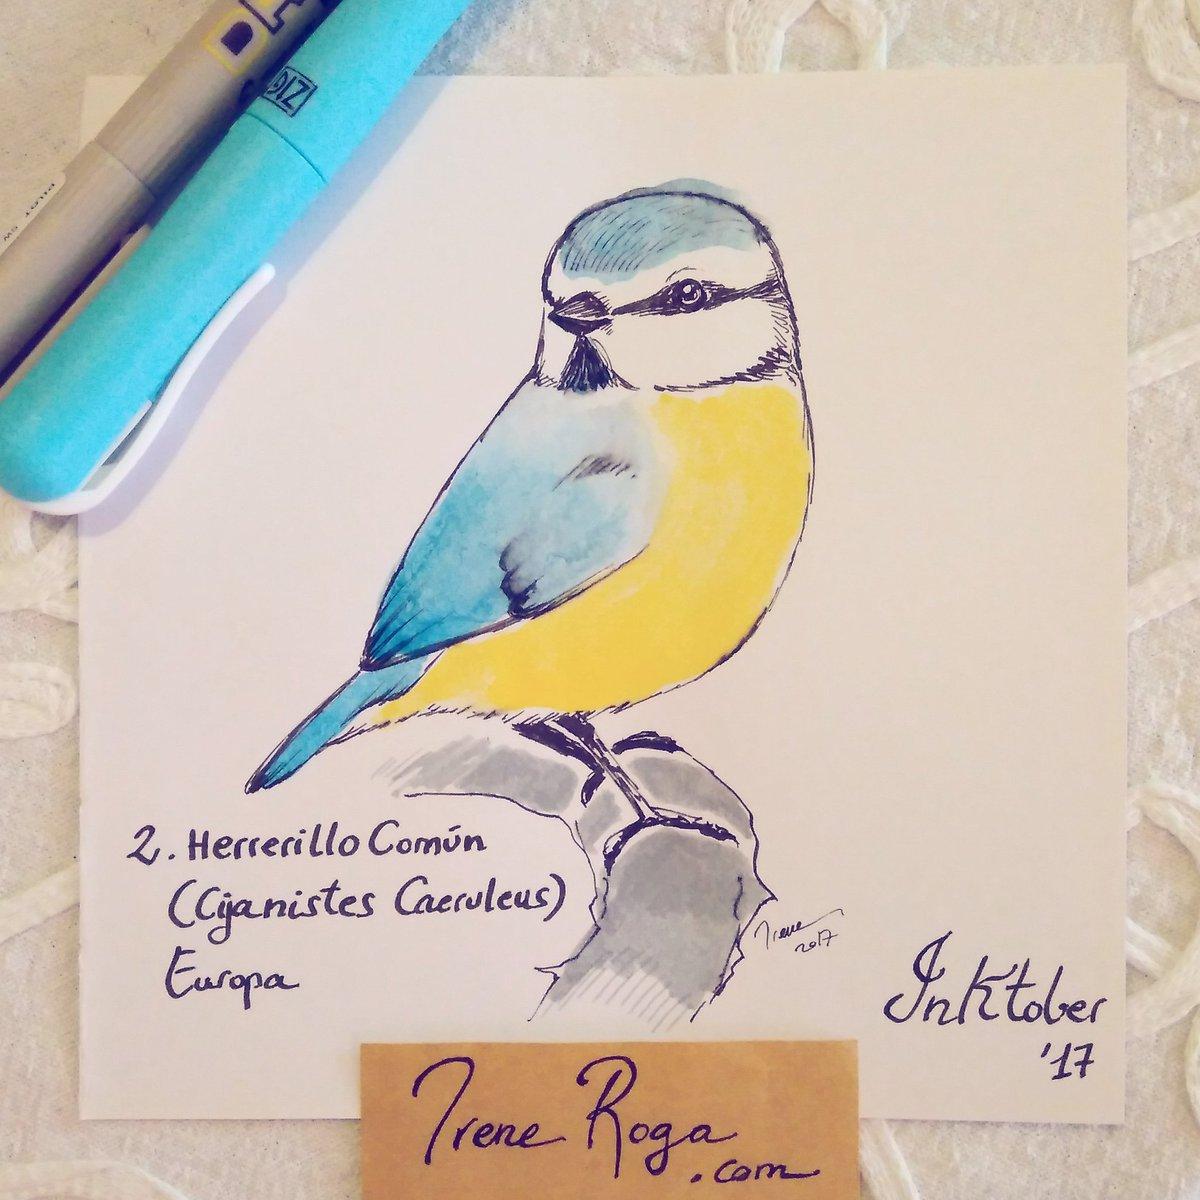 #Inktober day 2: Blue Tit  #inktober2017 #inktoberday2 #inktober17 #birdies https://t.co/RQyJvk9JCR